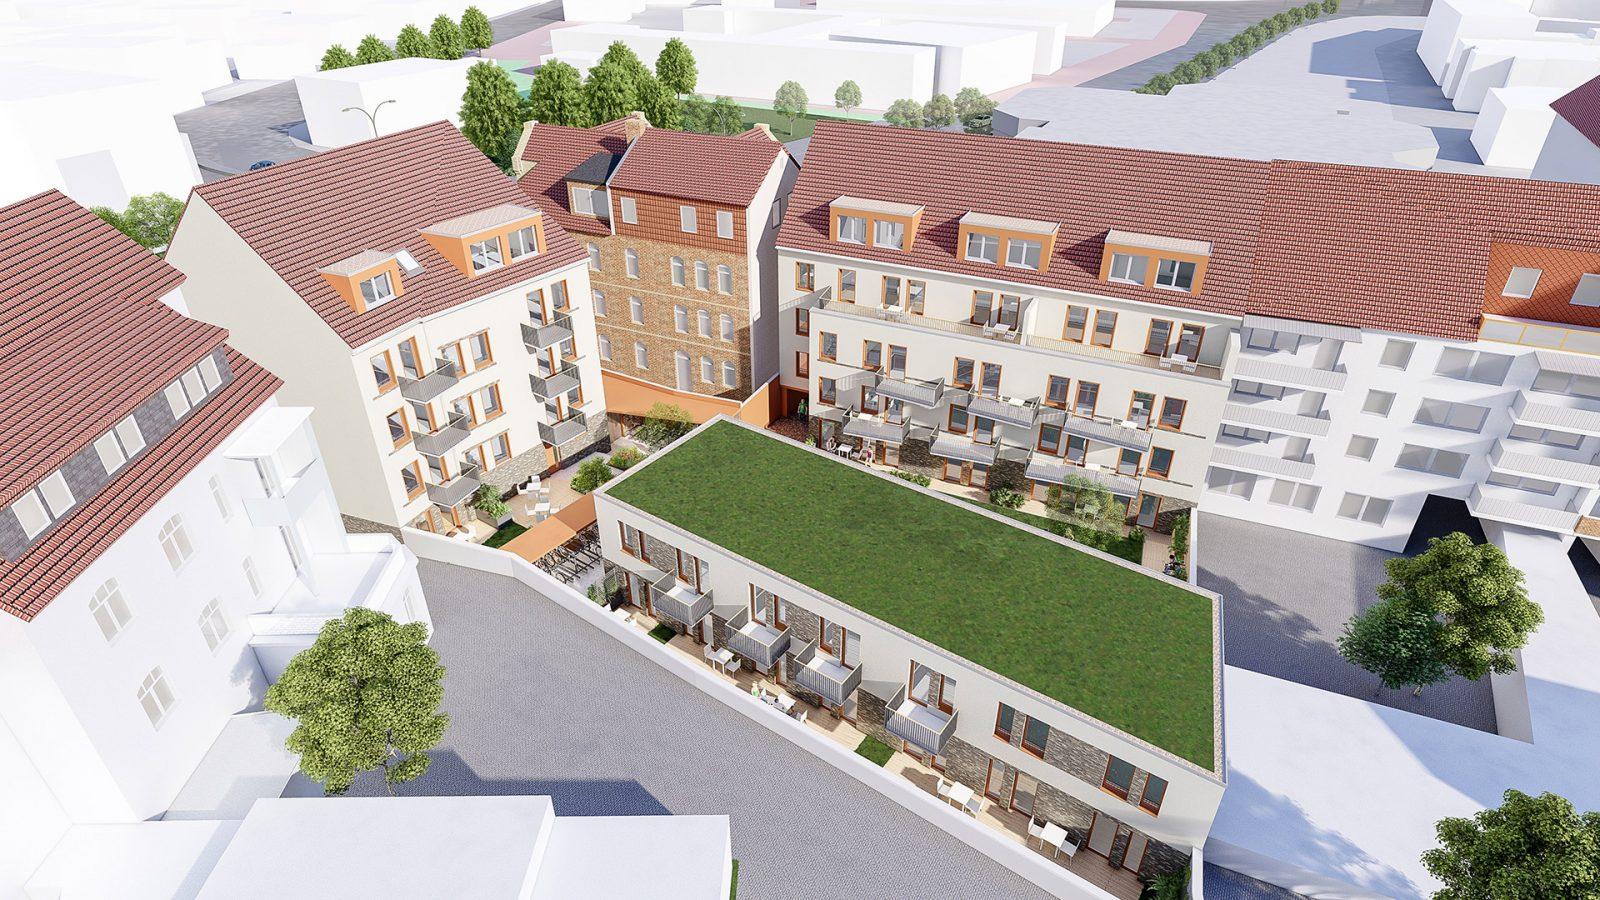 Neubau von Mirkoapartements in Einnumer Straße | JUNG - Architekturbüro, Innenarchitekturbüro Hildesheim